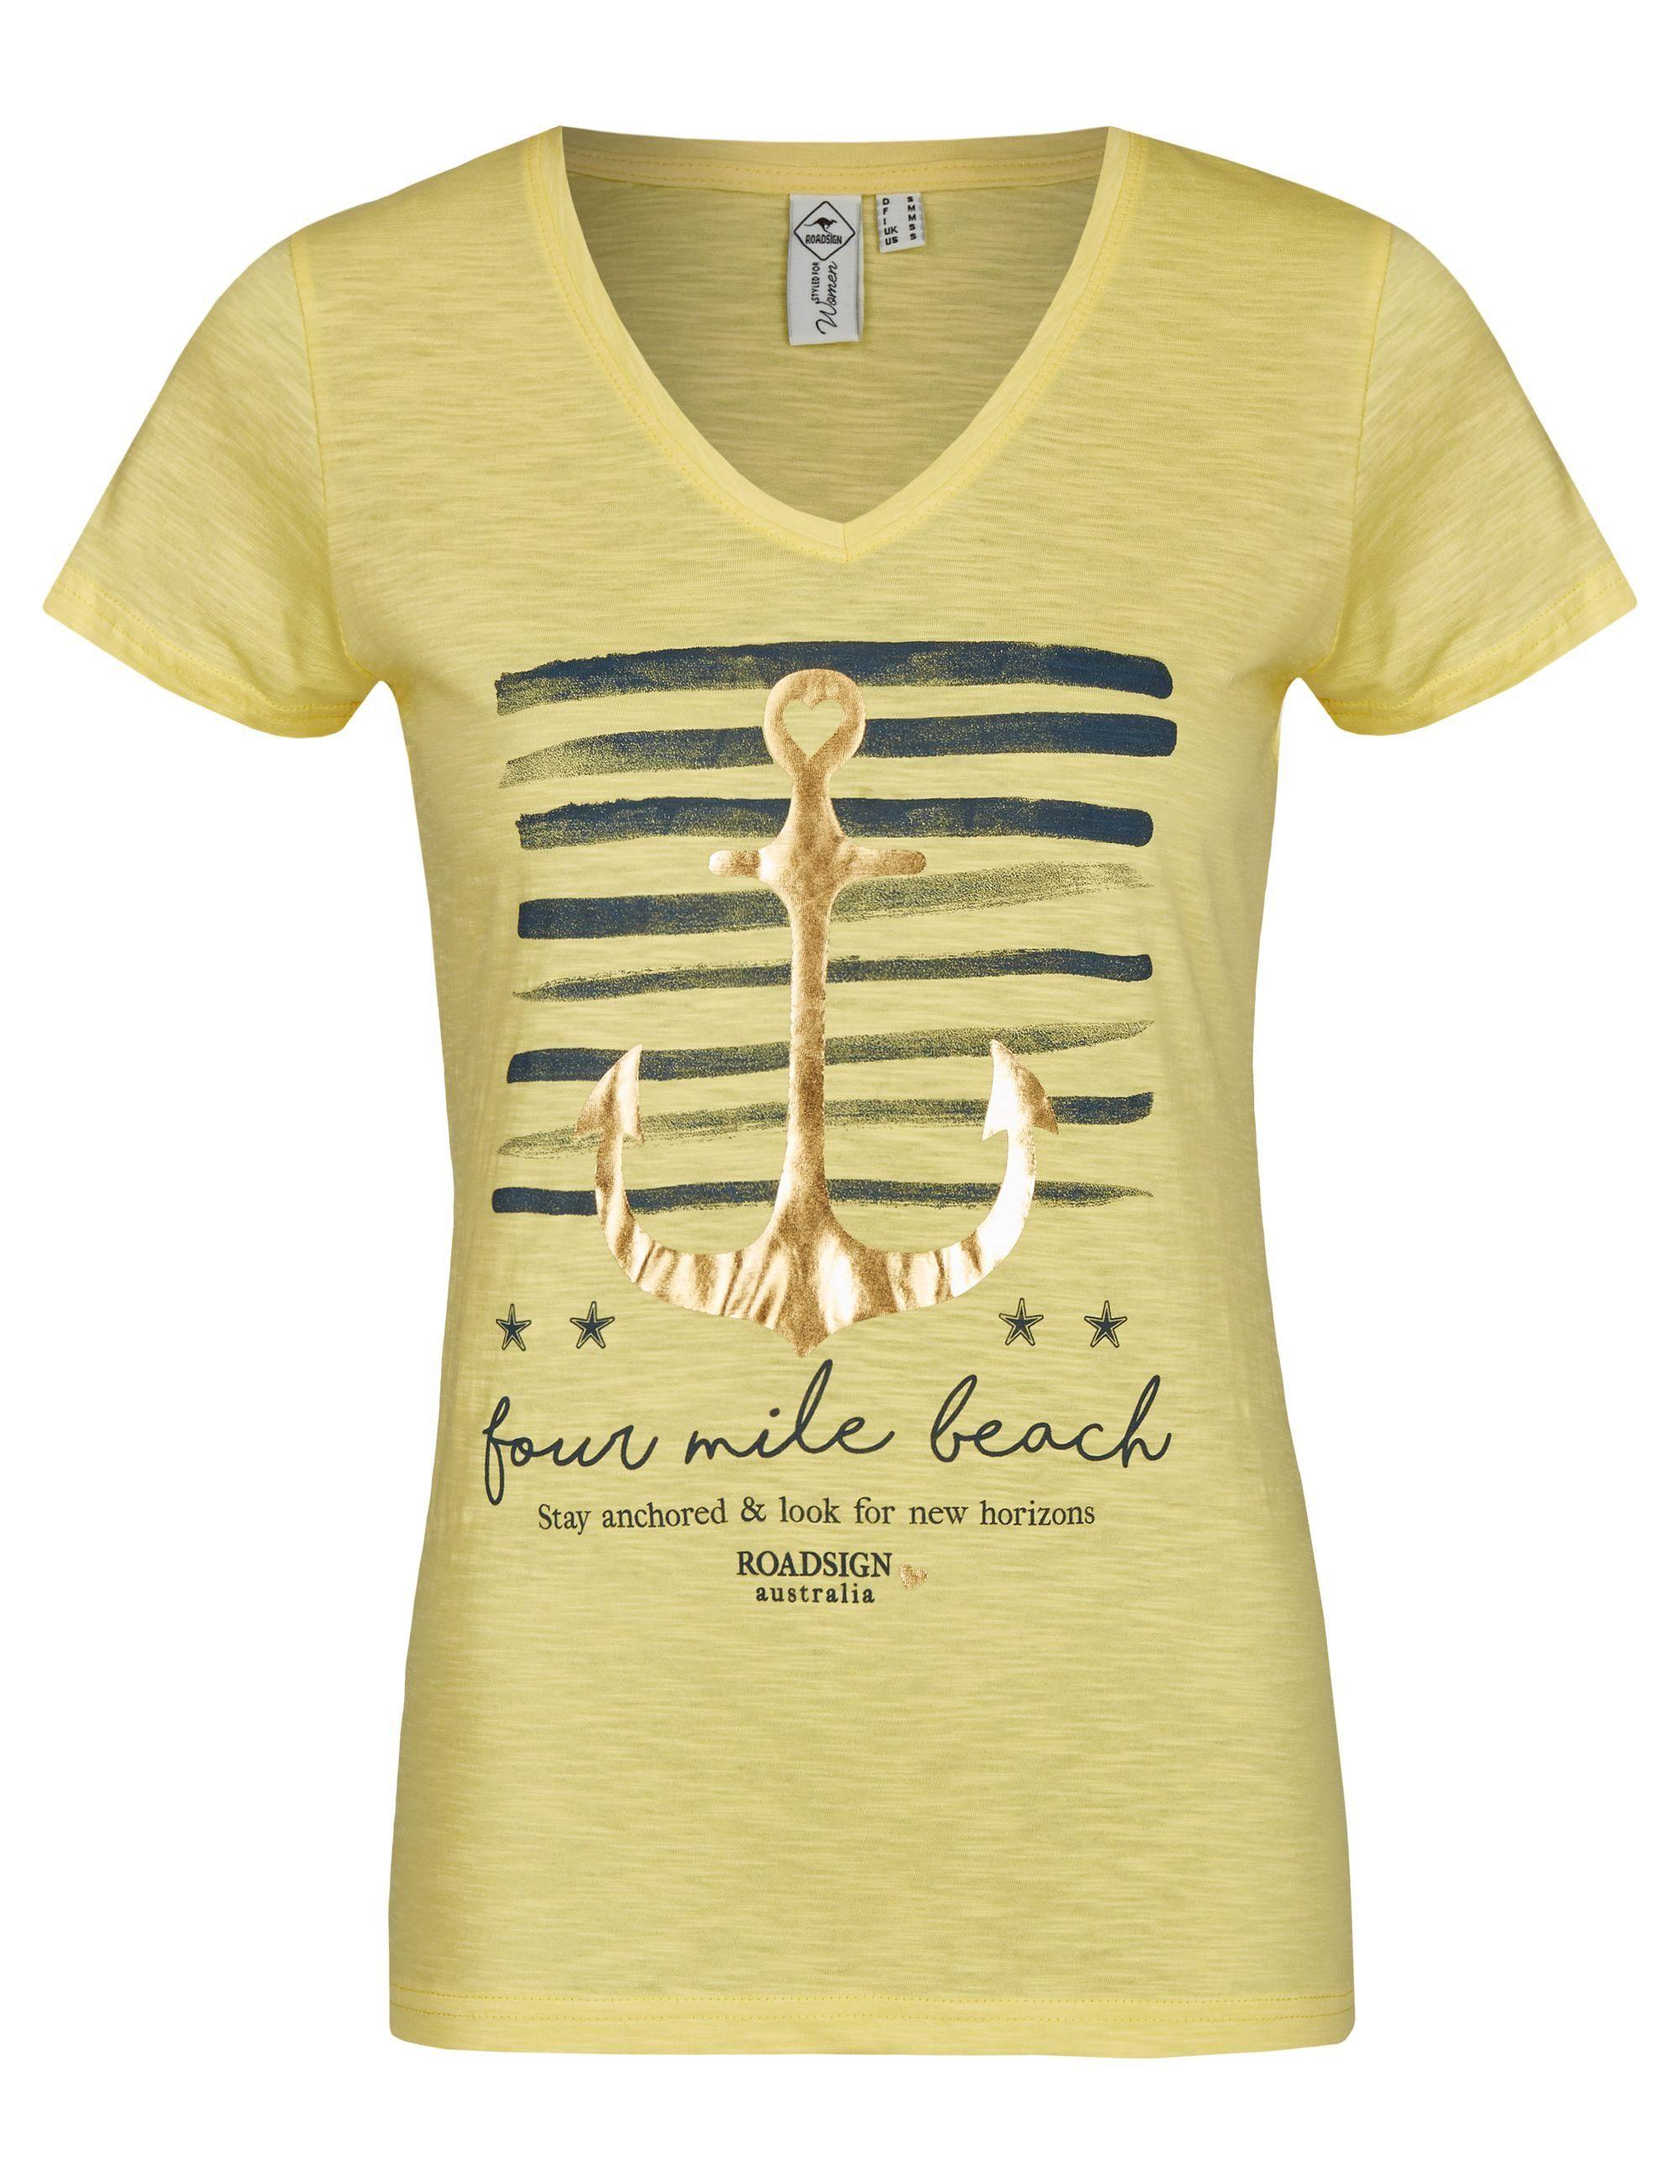 ROADSIGN australia T-Shirt